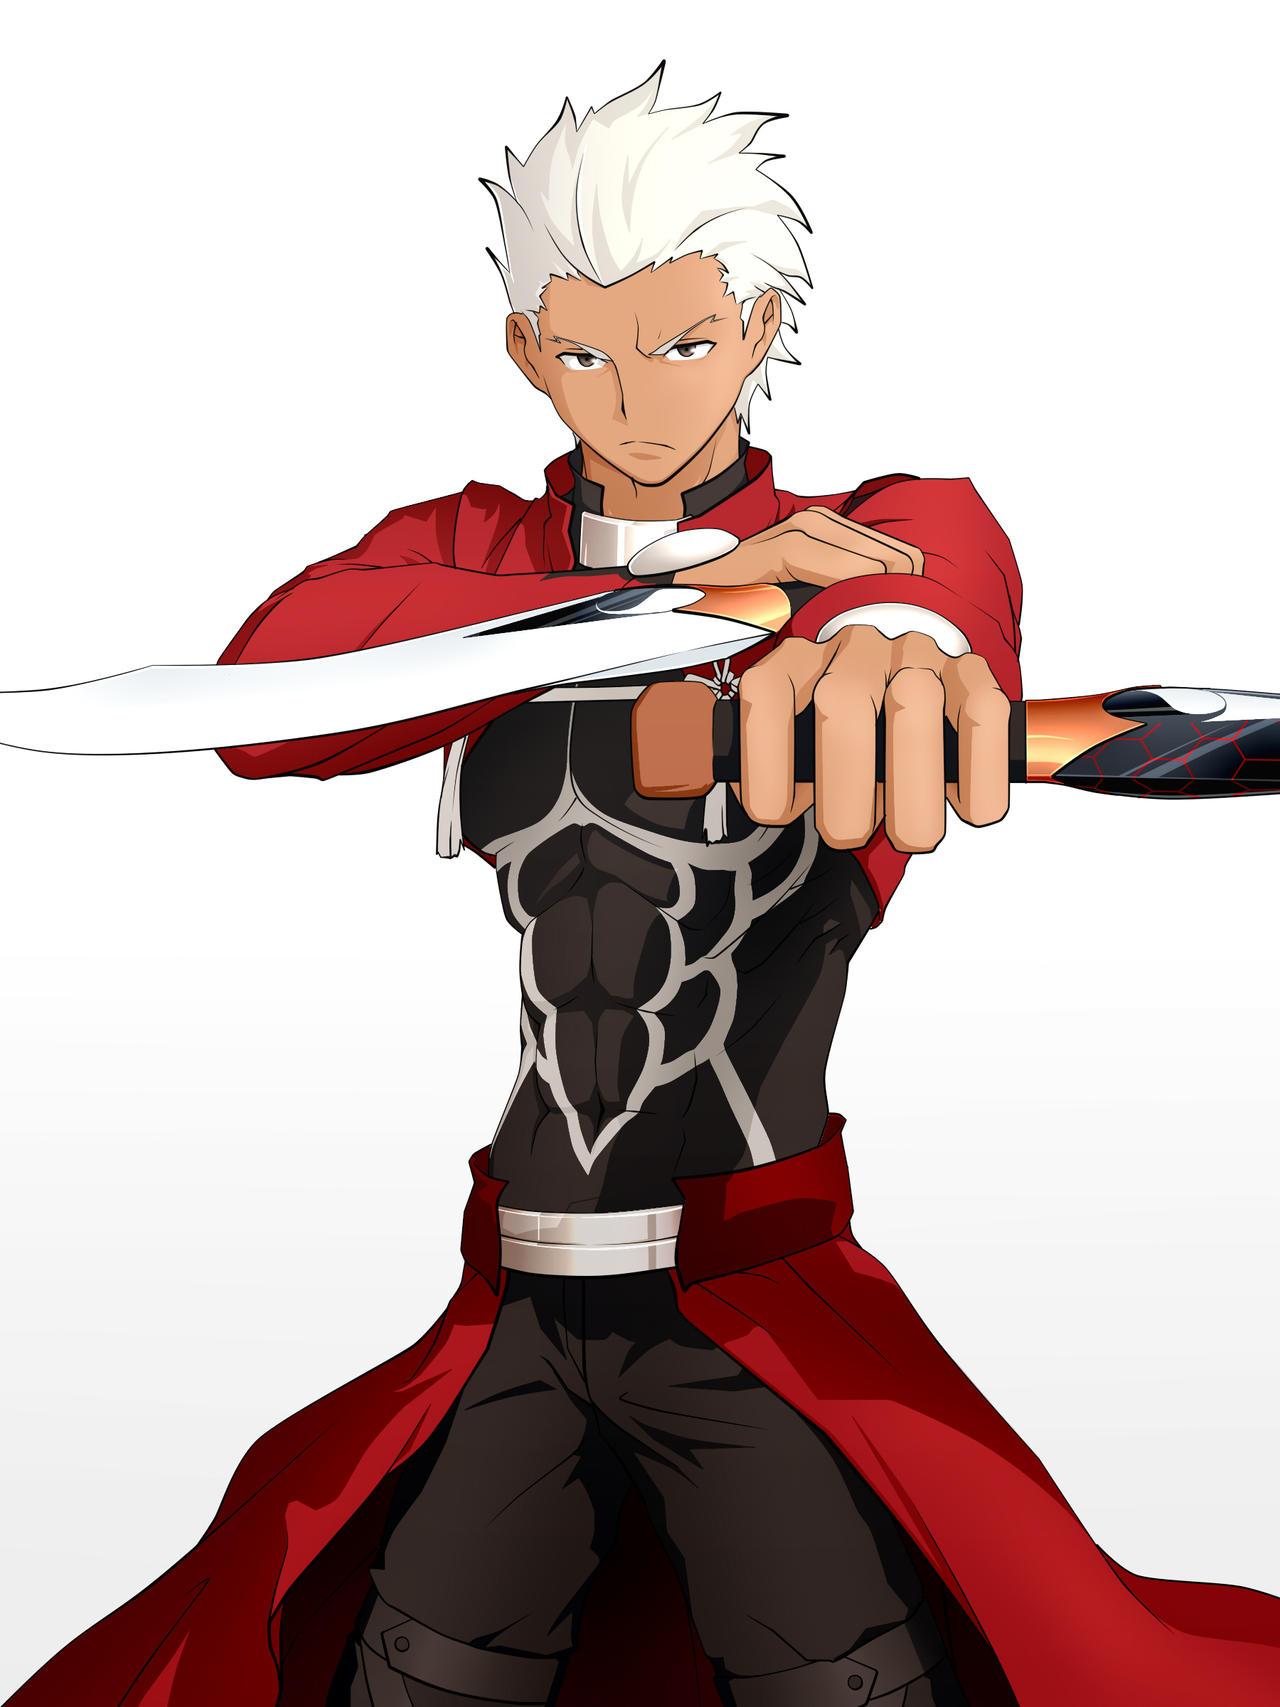 Red Archer Emiya Fate Sn By Skarltano On Deviantart